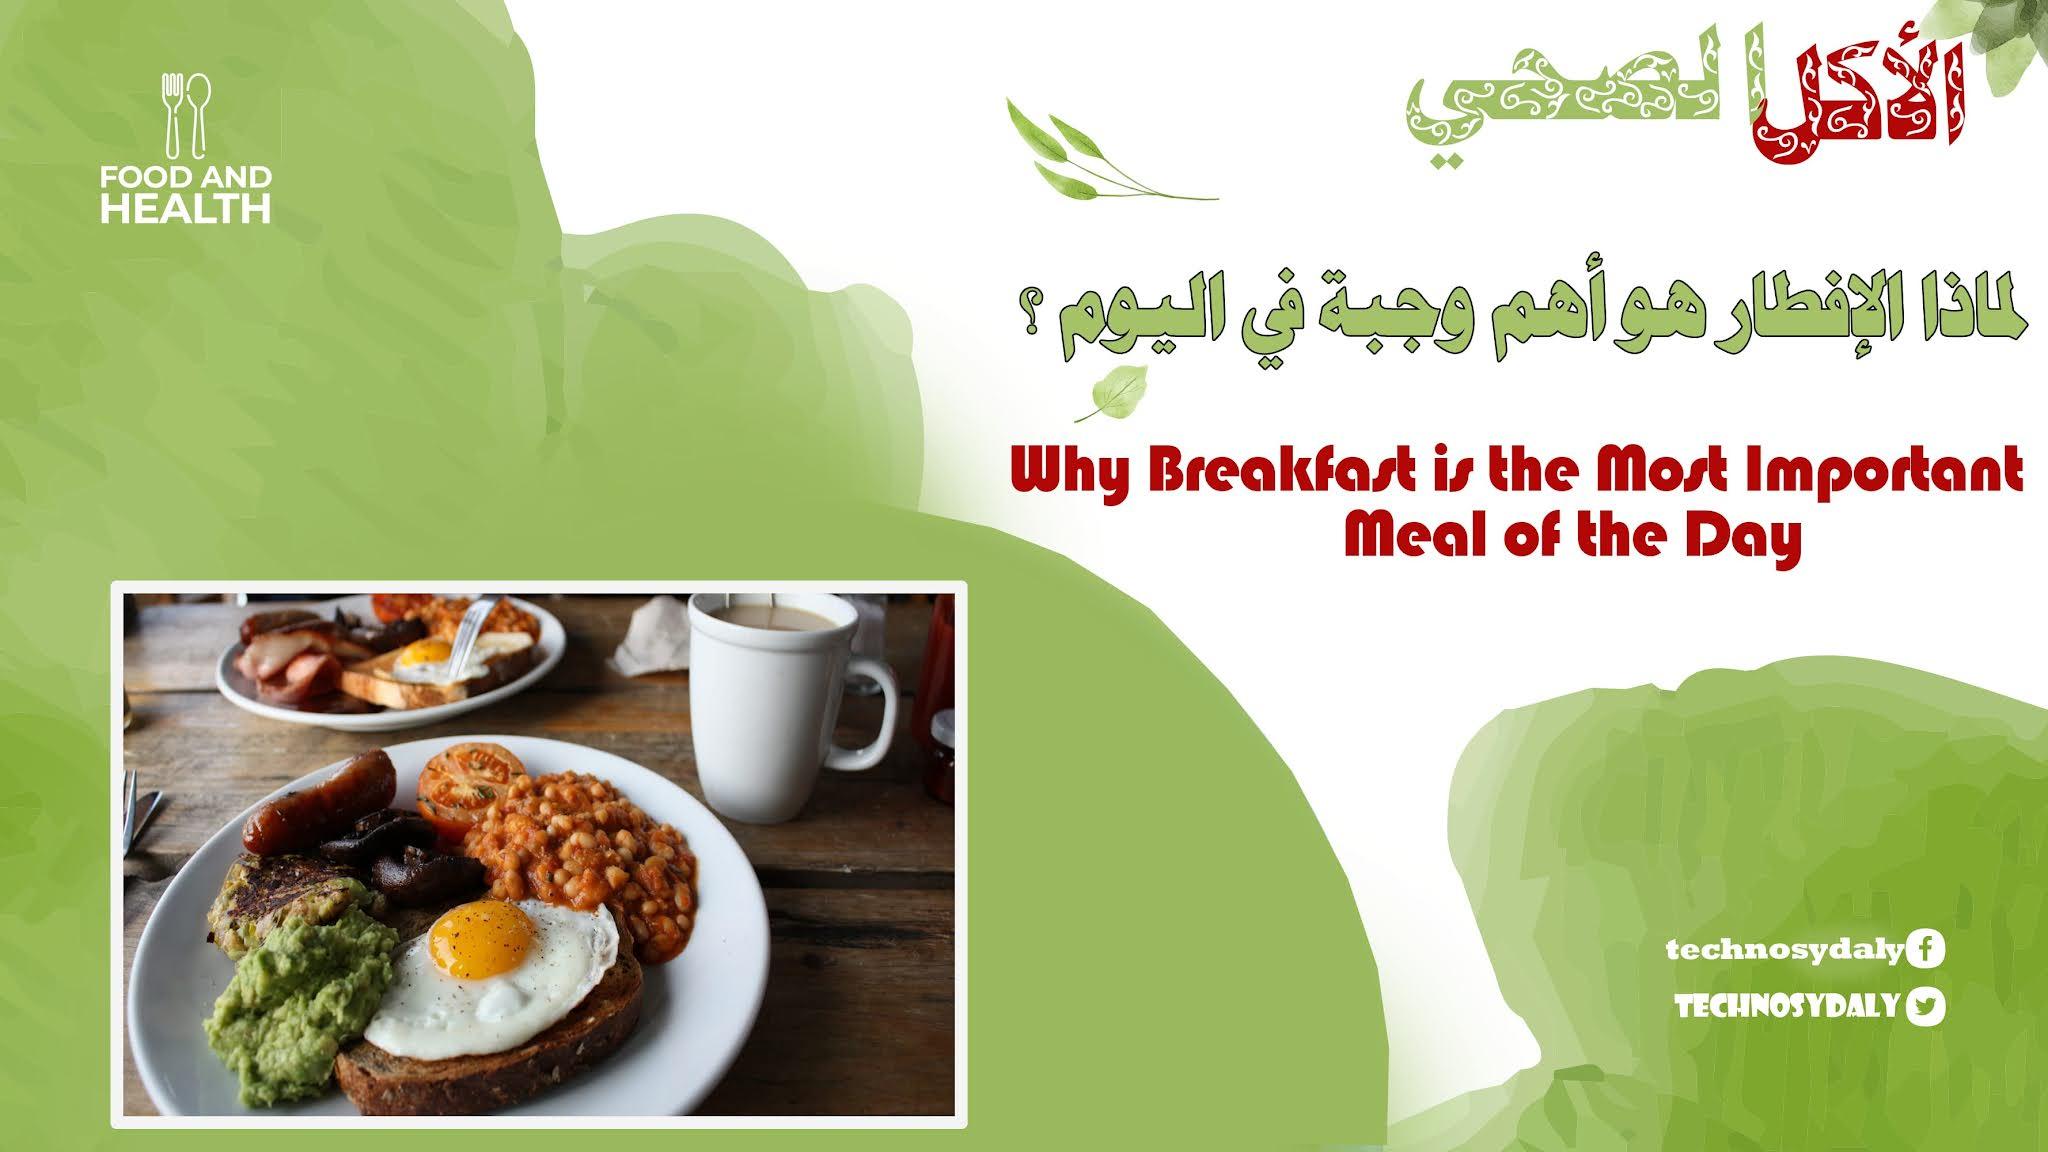 لماذا الإفطار هو أهم وجبة في اليوم ؟Why Breakfast is the Most Important Meal of the Day